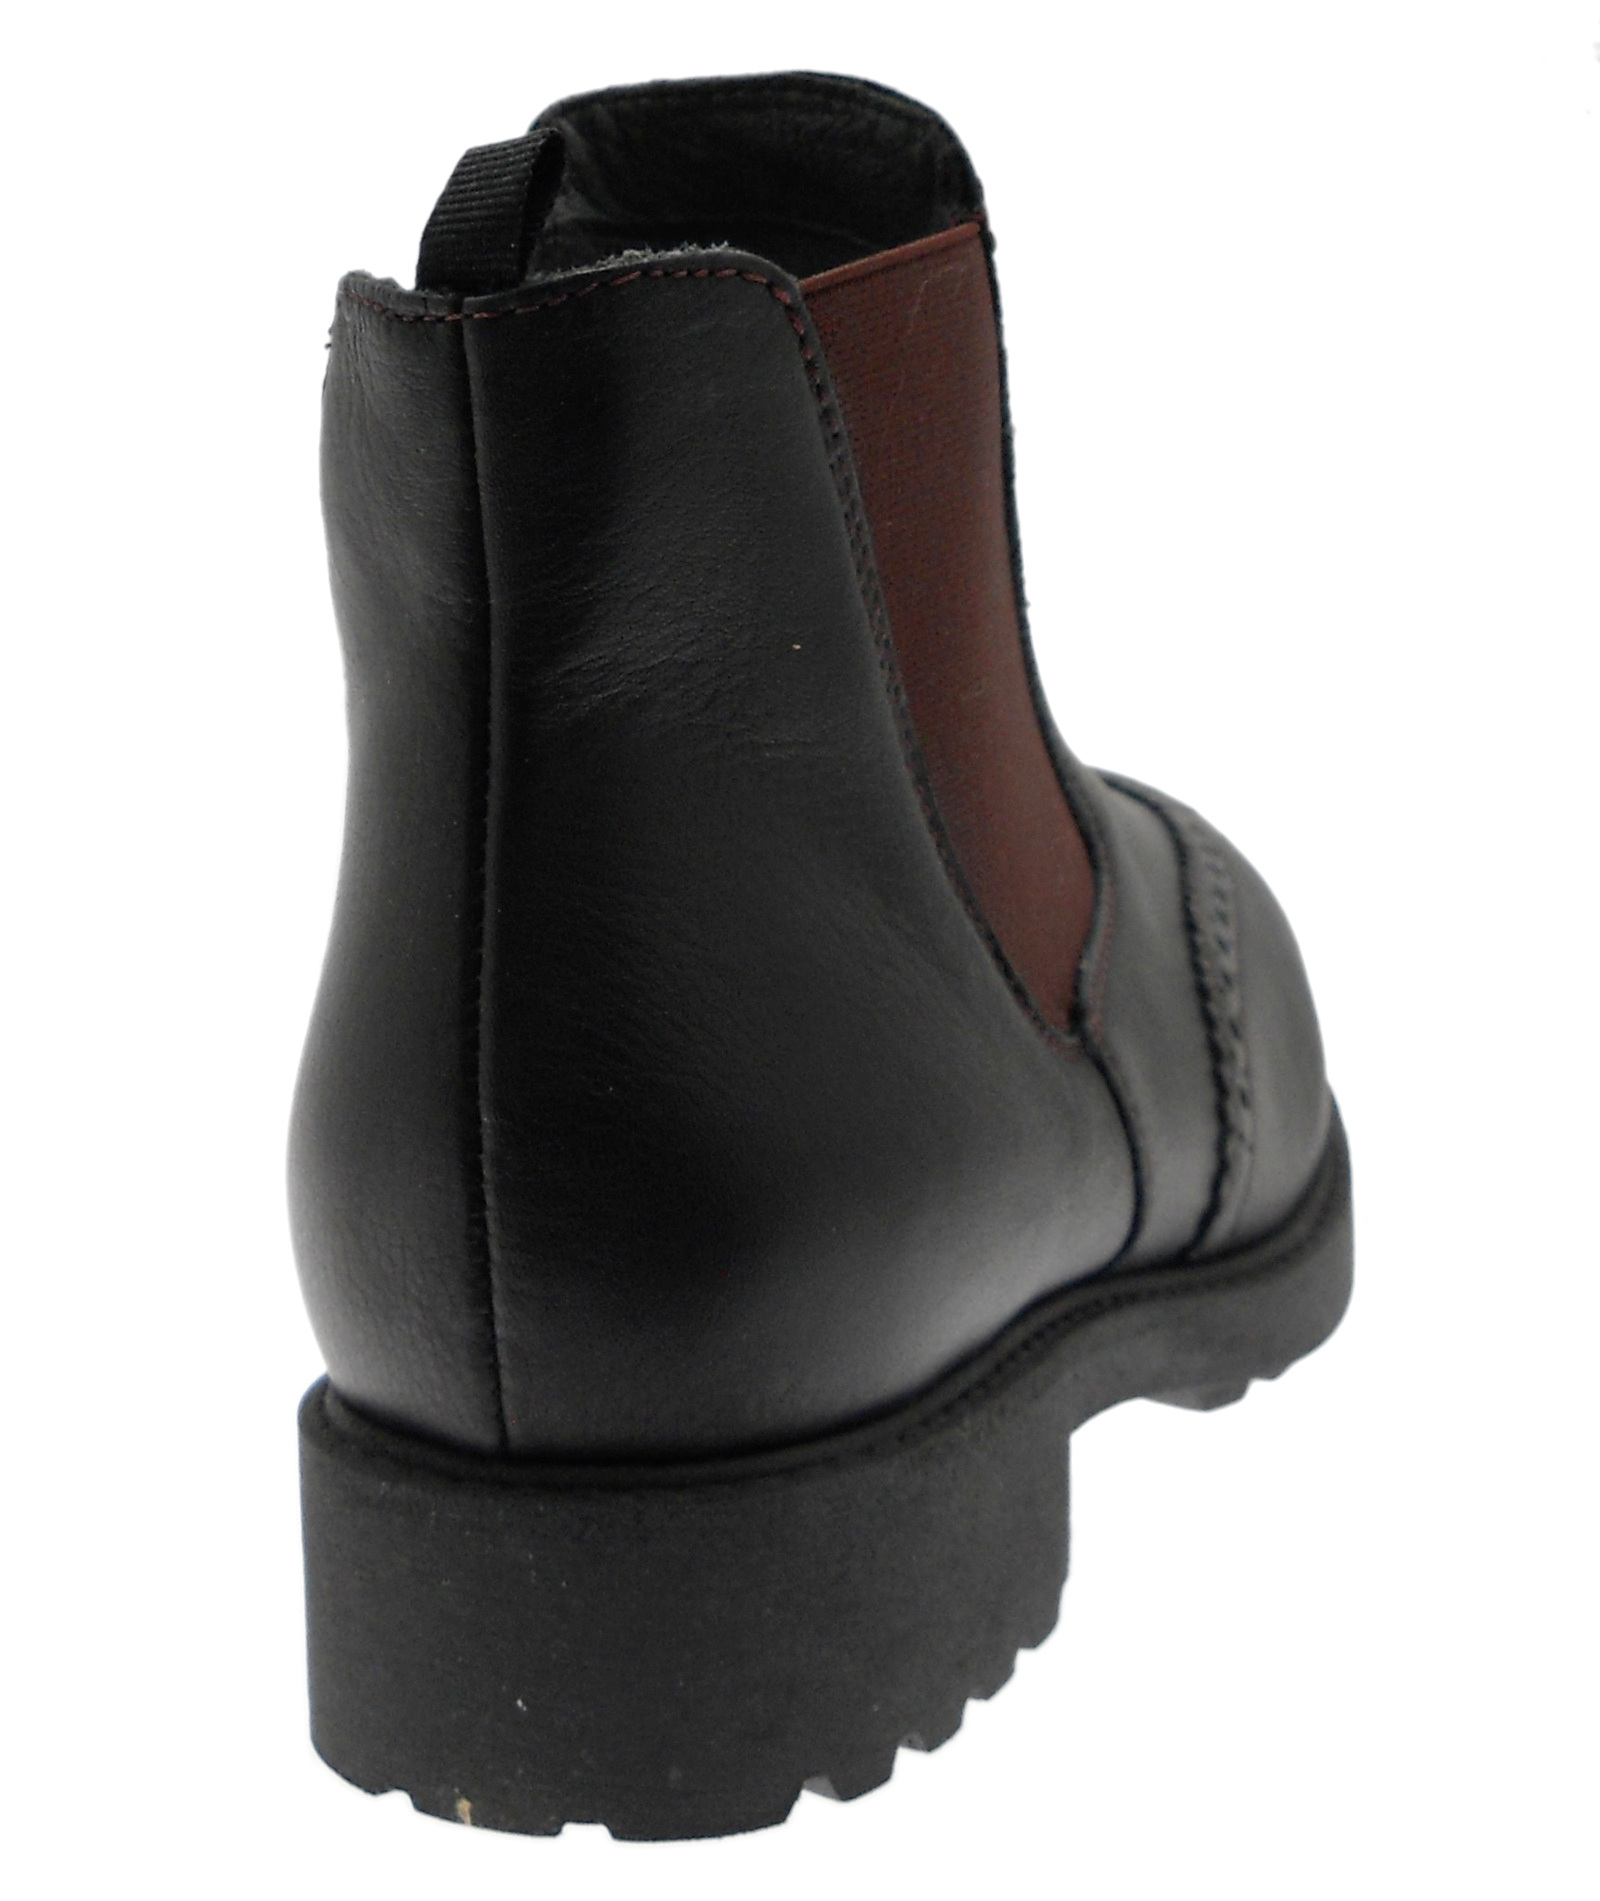 C3753  stivaletto boot  black black black riporti bordeaux ortopedico plantare Loren d9ca2a